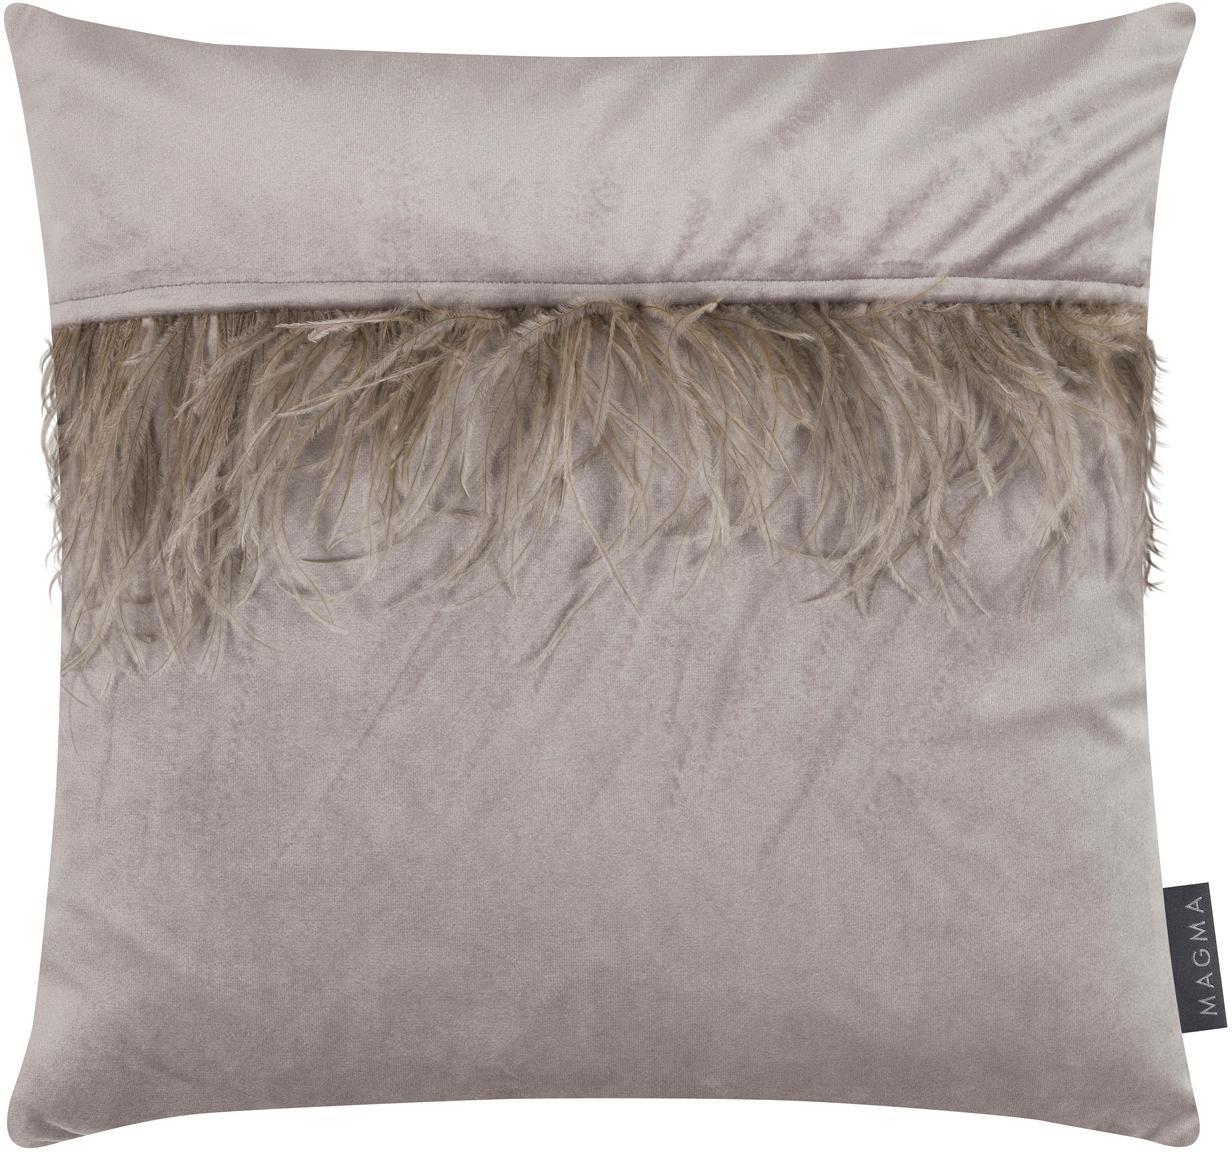 Federa arredo  in velluto con piume Ostrich, Frange: piume di struzzo, Grigio, Larg. 40 x Lung. 40 cm